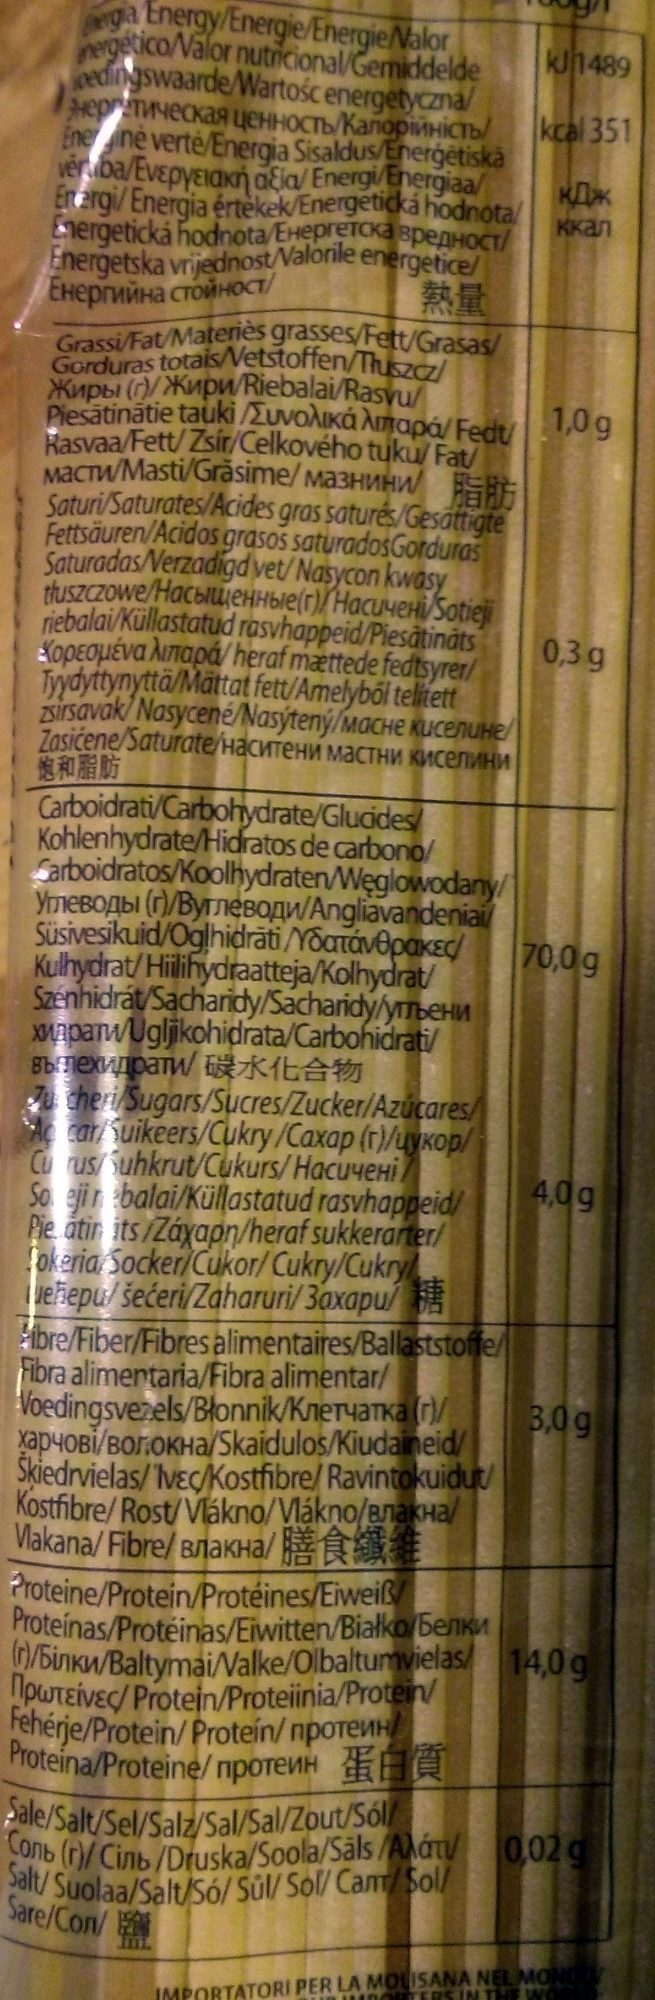 Spaghetti N°15 - Voedingswaarden - fr